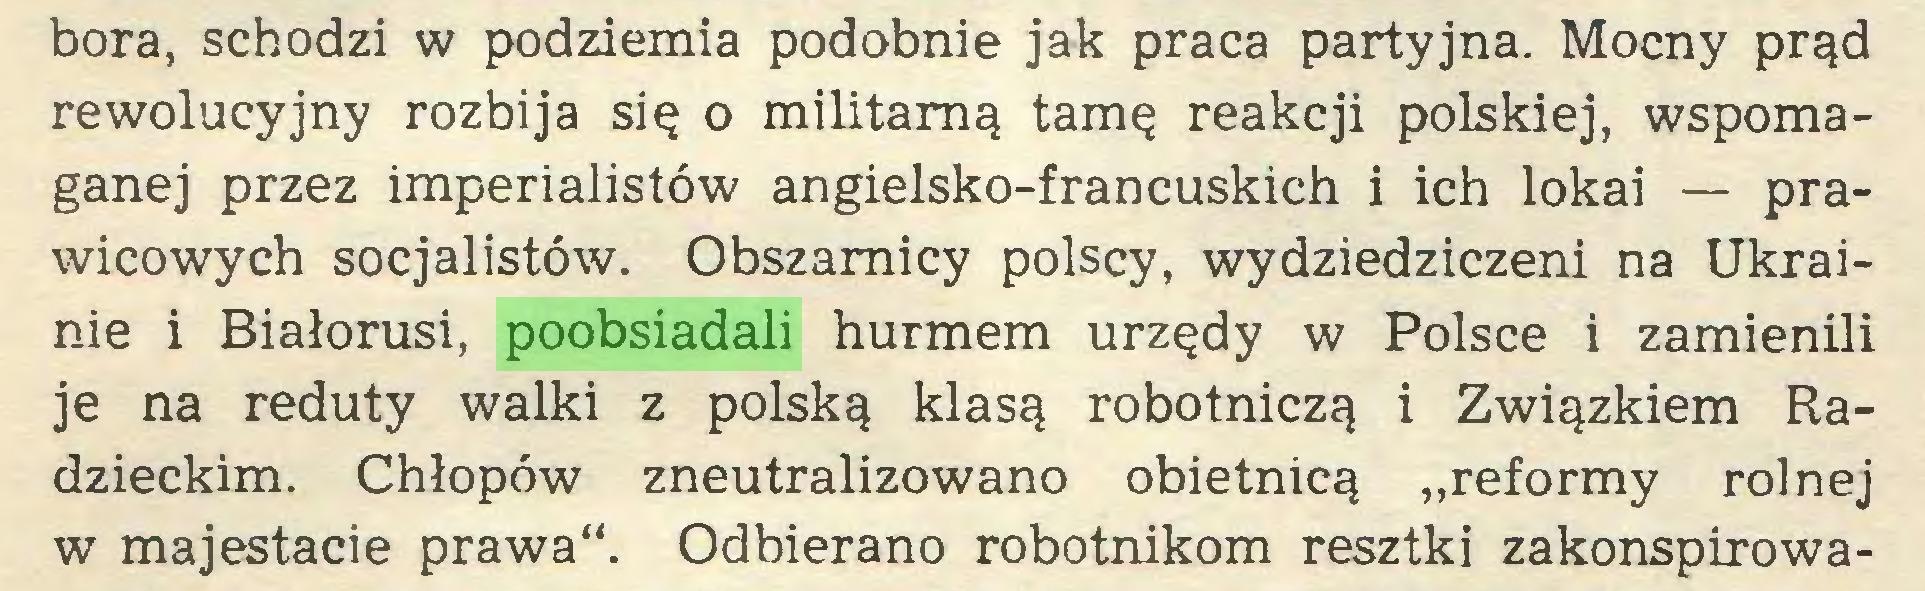 """(...) bora, schodzi w podziemia podobnie jak praca partyjna. Mocny prąd rewolucyjny rozbija się o militarną tamę reakcji polskiej, wspomaganej przez imperialistów angielsko-francuskich i ich lokai — prawicowych socjalistów. Obszarnicy polscy, wydziedziczeni na Ukrainie i Białorusi, poobsiadali hurmem urzędy w Polsce i zamienili je na reduty walki z polską klasą robotniczą i Związkiem Radzieckim. Chłopów zneutralizowano obietnicą """"reformy rolnej w majestacie prawa"""". Odbierano robotnikom resztki zakonspirowa..."""